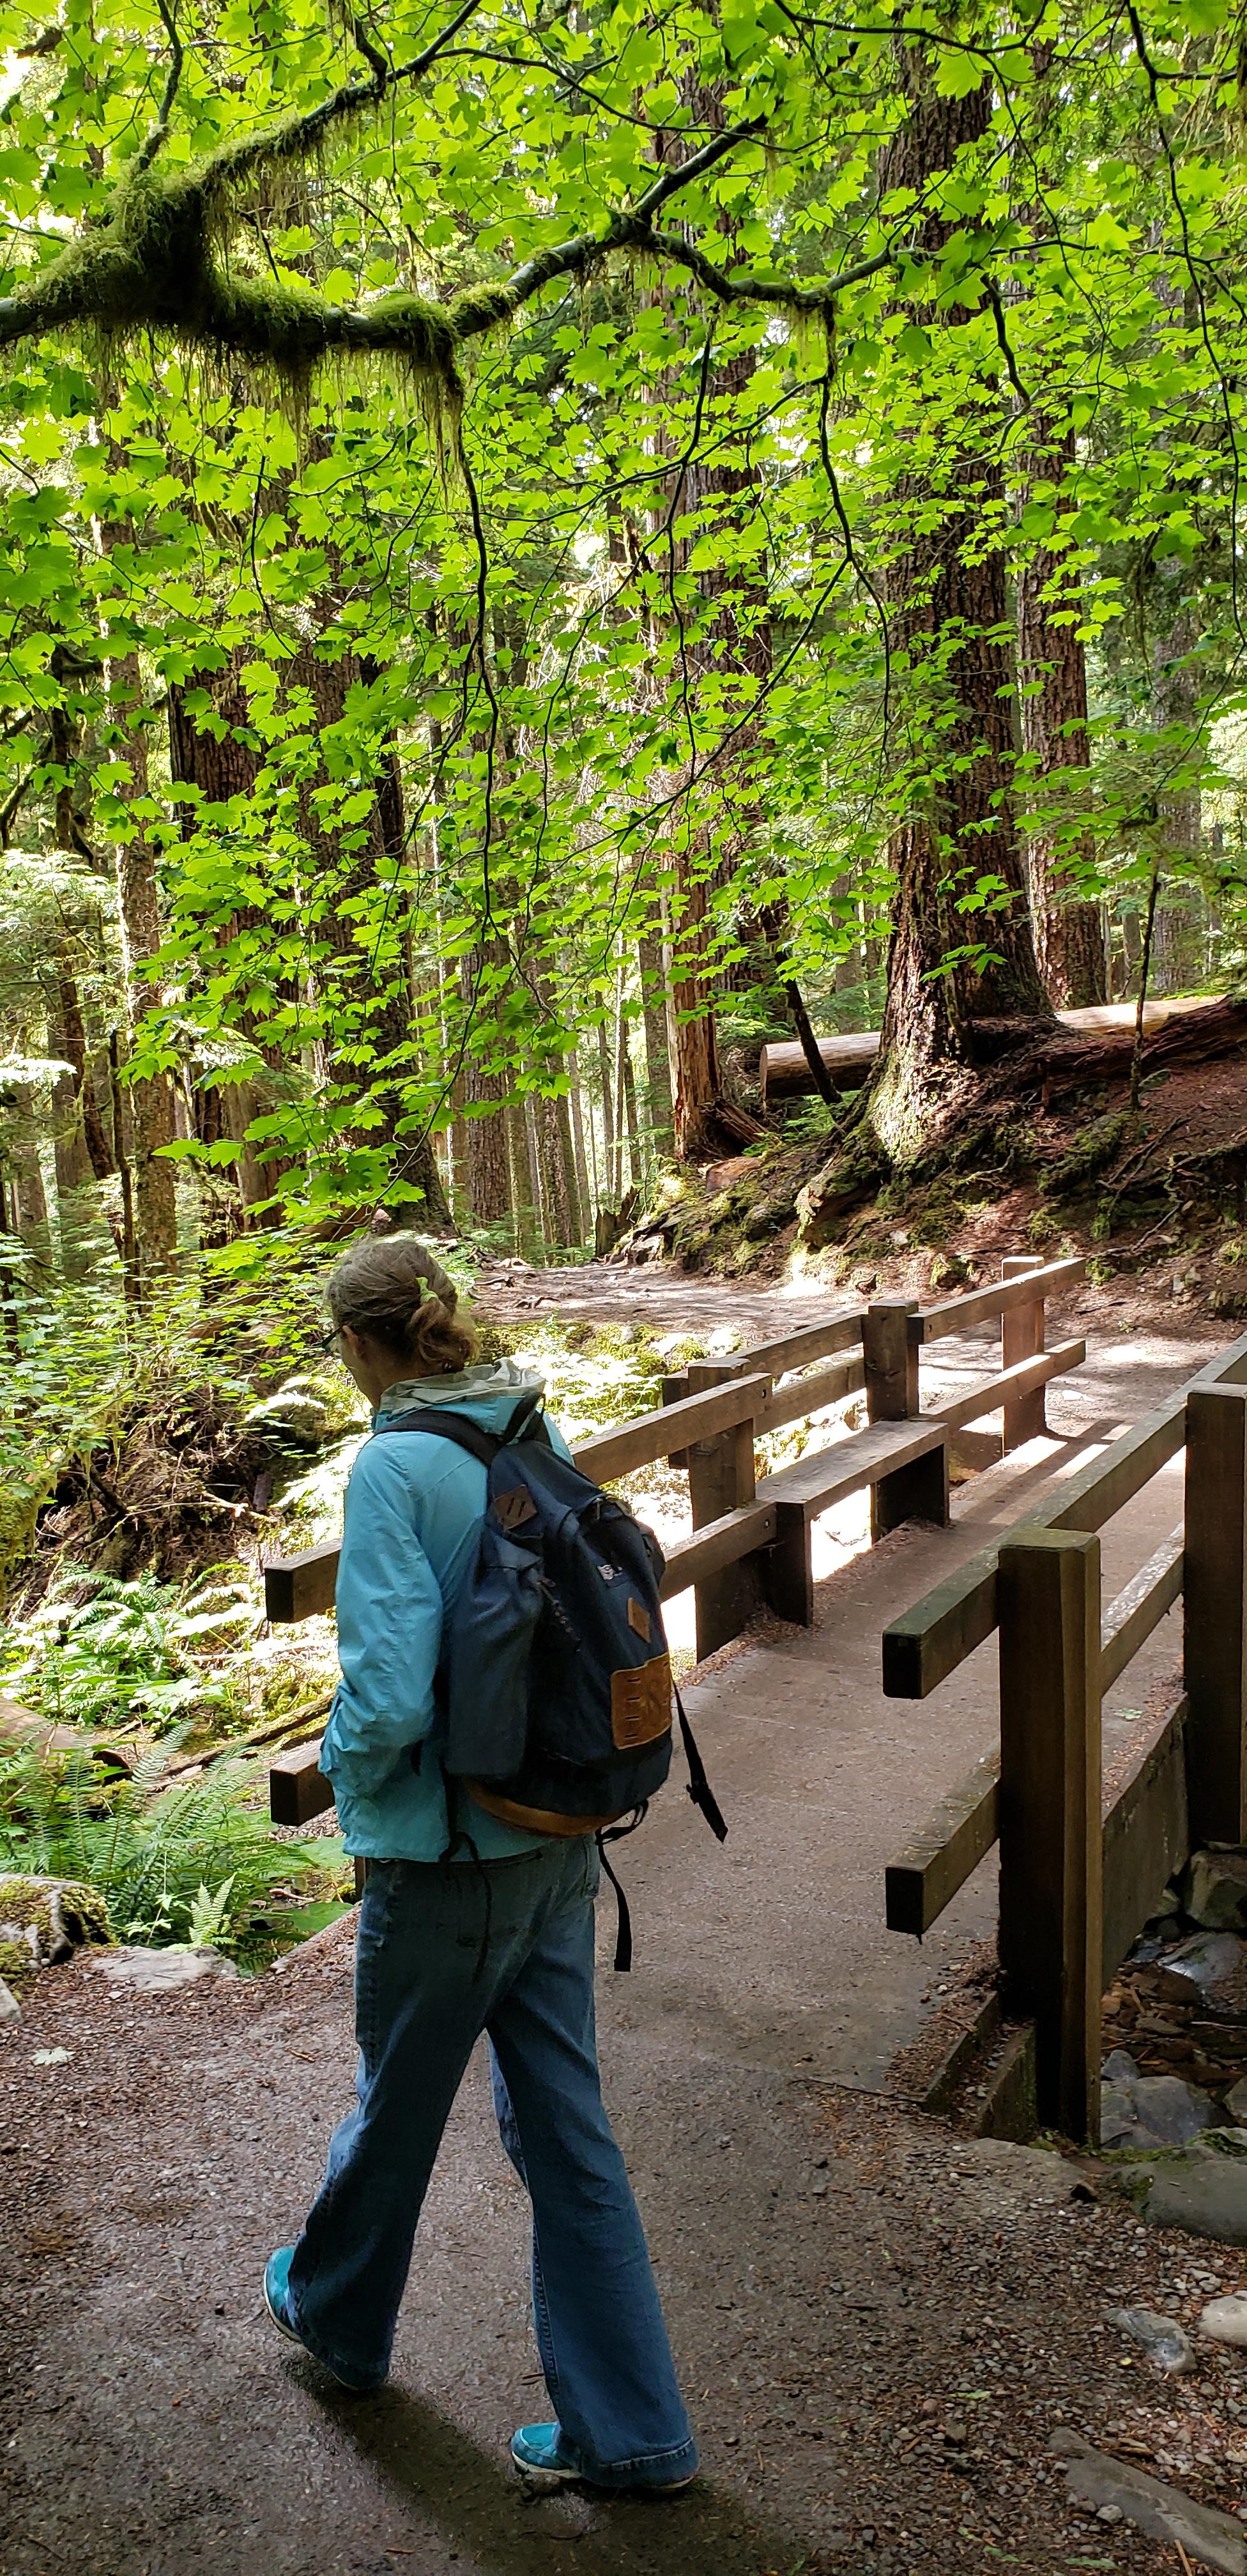 woman walking toward bridge in forest